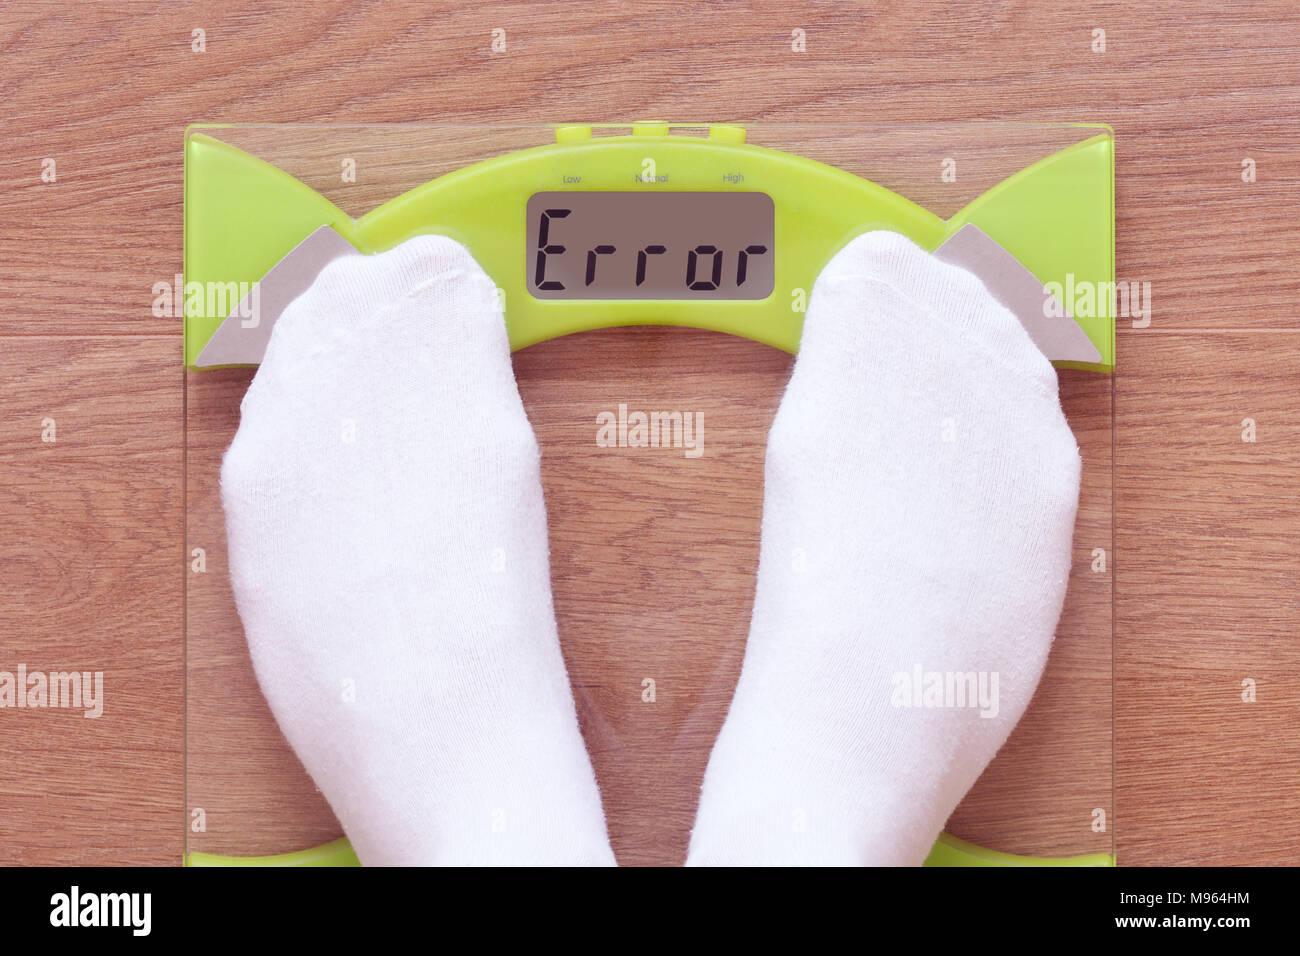 Balances numériques lire 'erreur'. Destiné à illustrer dysmorphophobie (BDD), et suivre un régime de perte de poids dans un unisexe et de genre neutre. Photo Stock